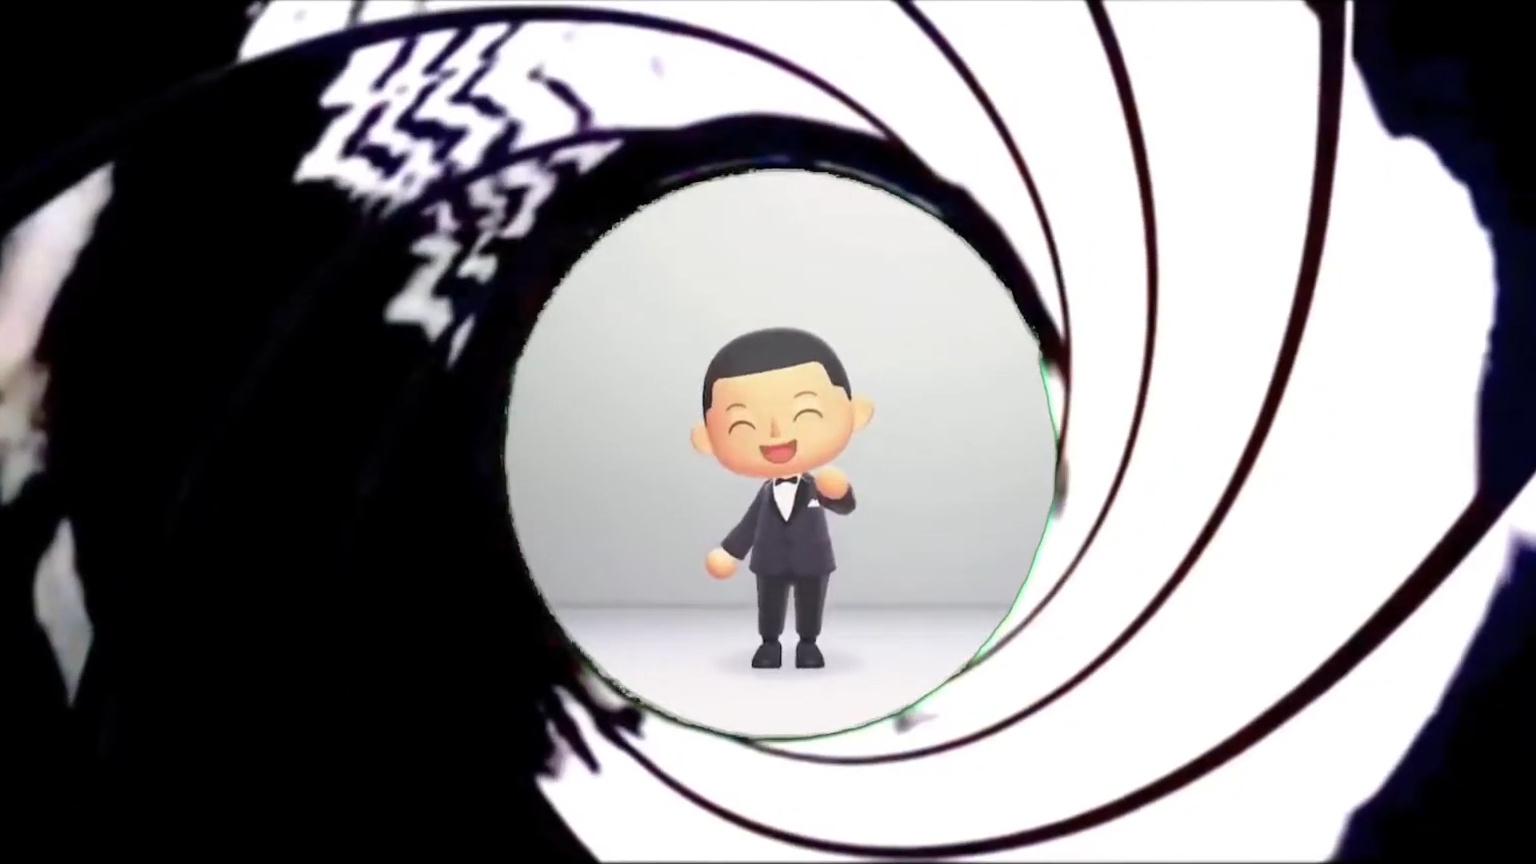 Δείτε την αλα Animal Crossing εισαγωγή του GoldenEye 007!